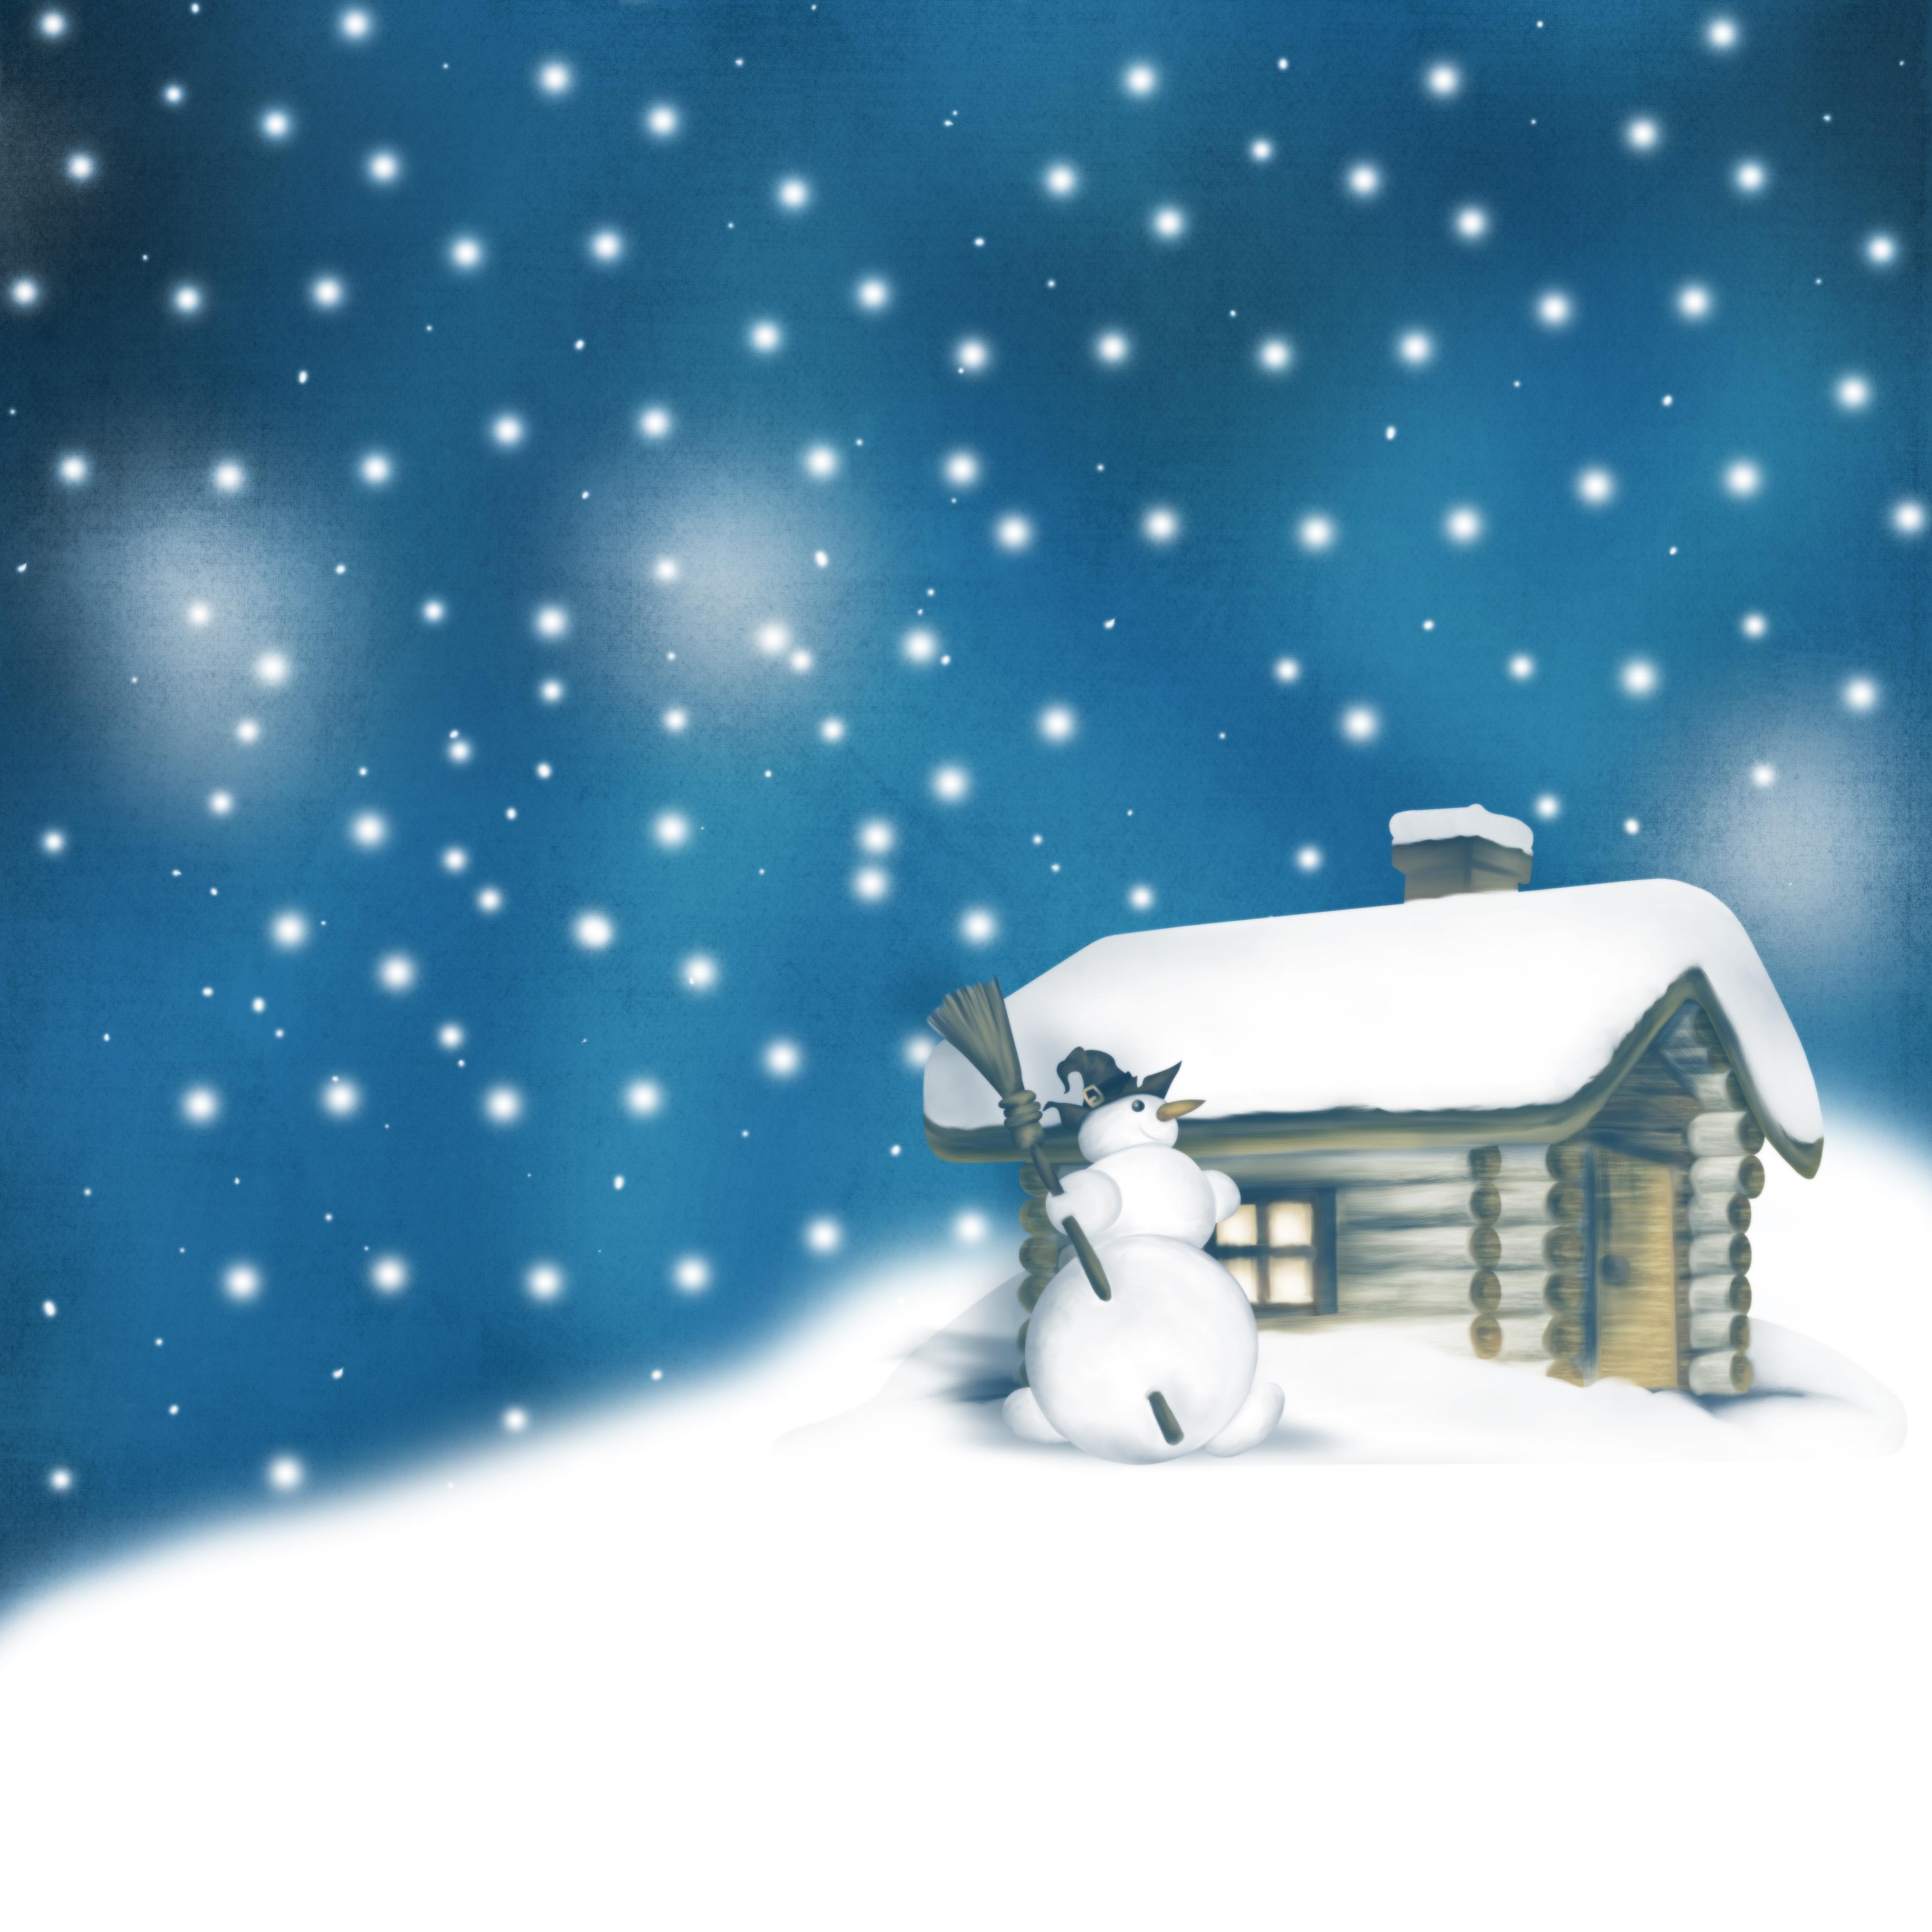 Смотрите также зима картинки зимние